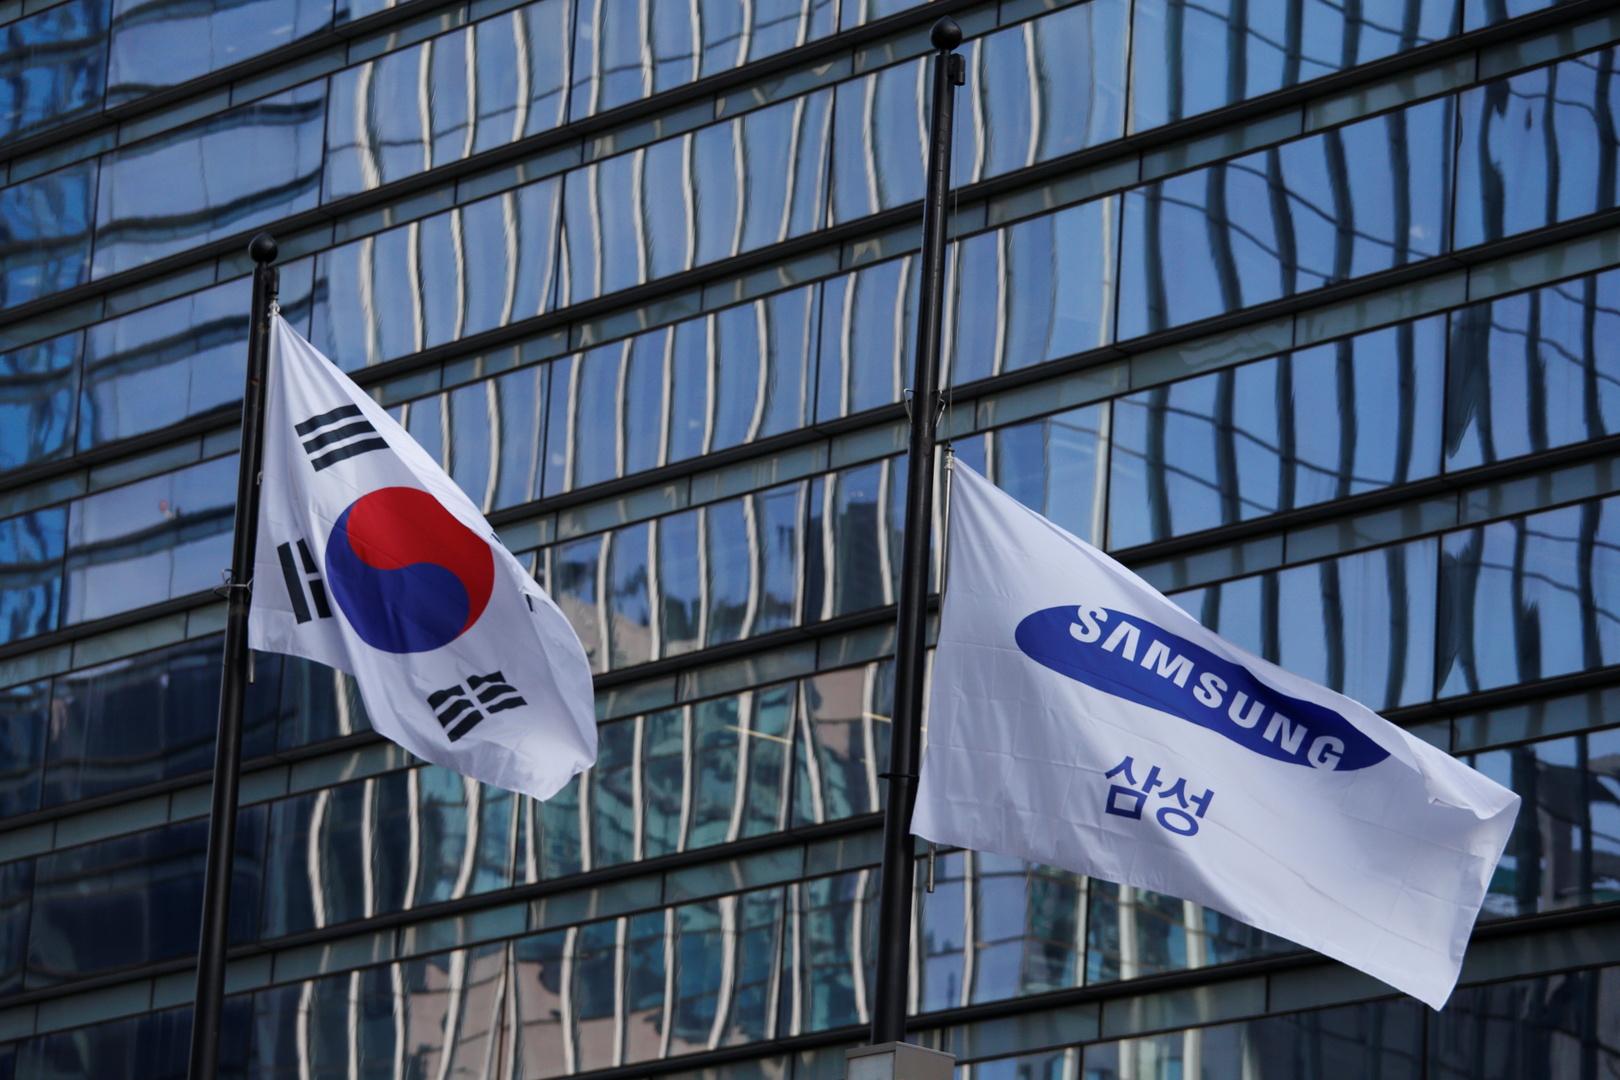 الأكبر من نوعها في كوريا الجنوبية.. عائلة رئيس مجموعة سامسونغ تدفع ضرائب ميراث قياسية